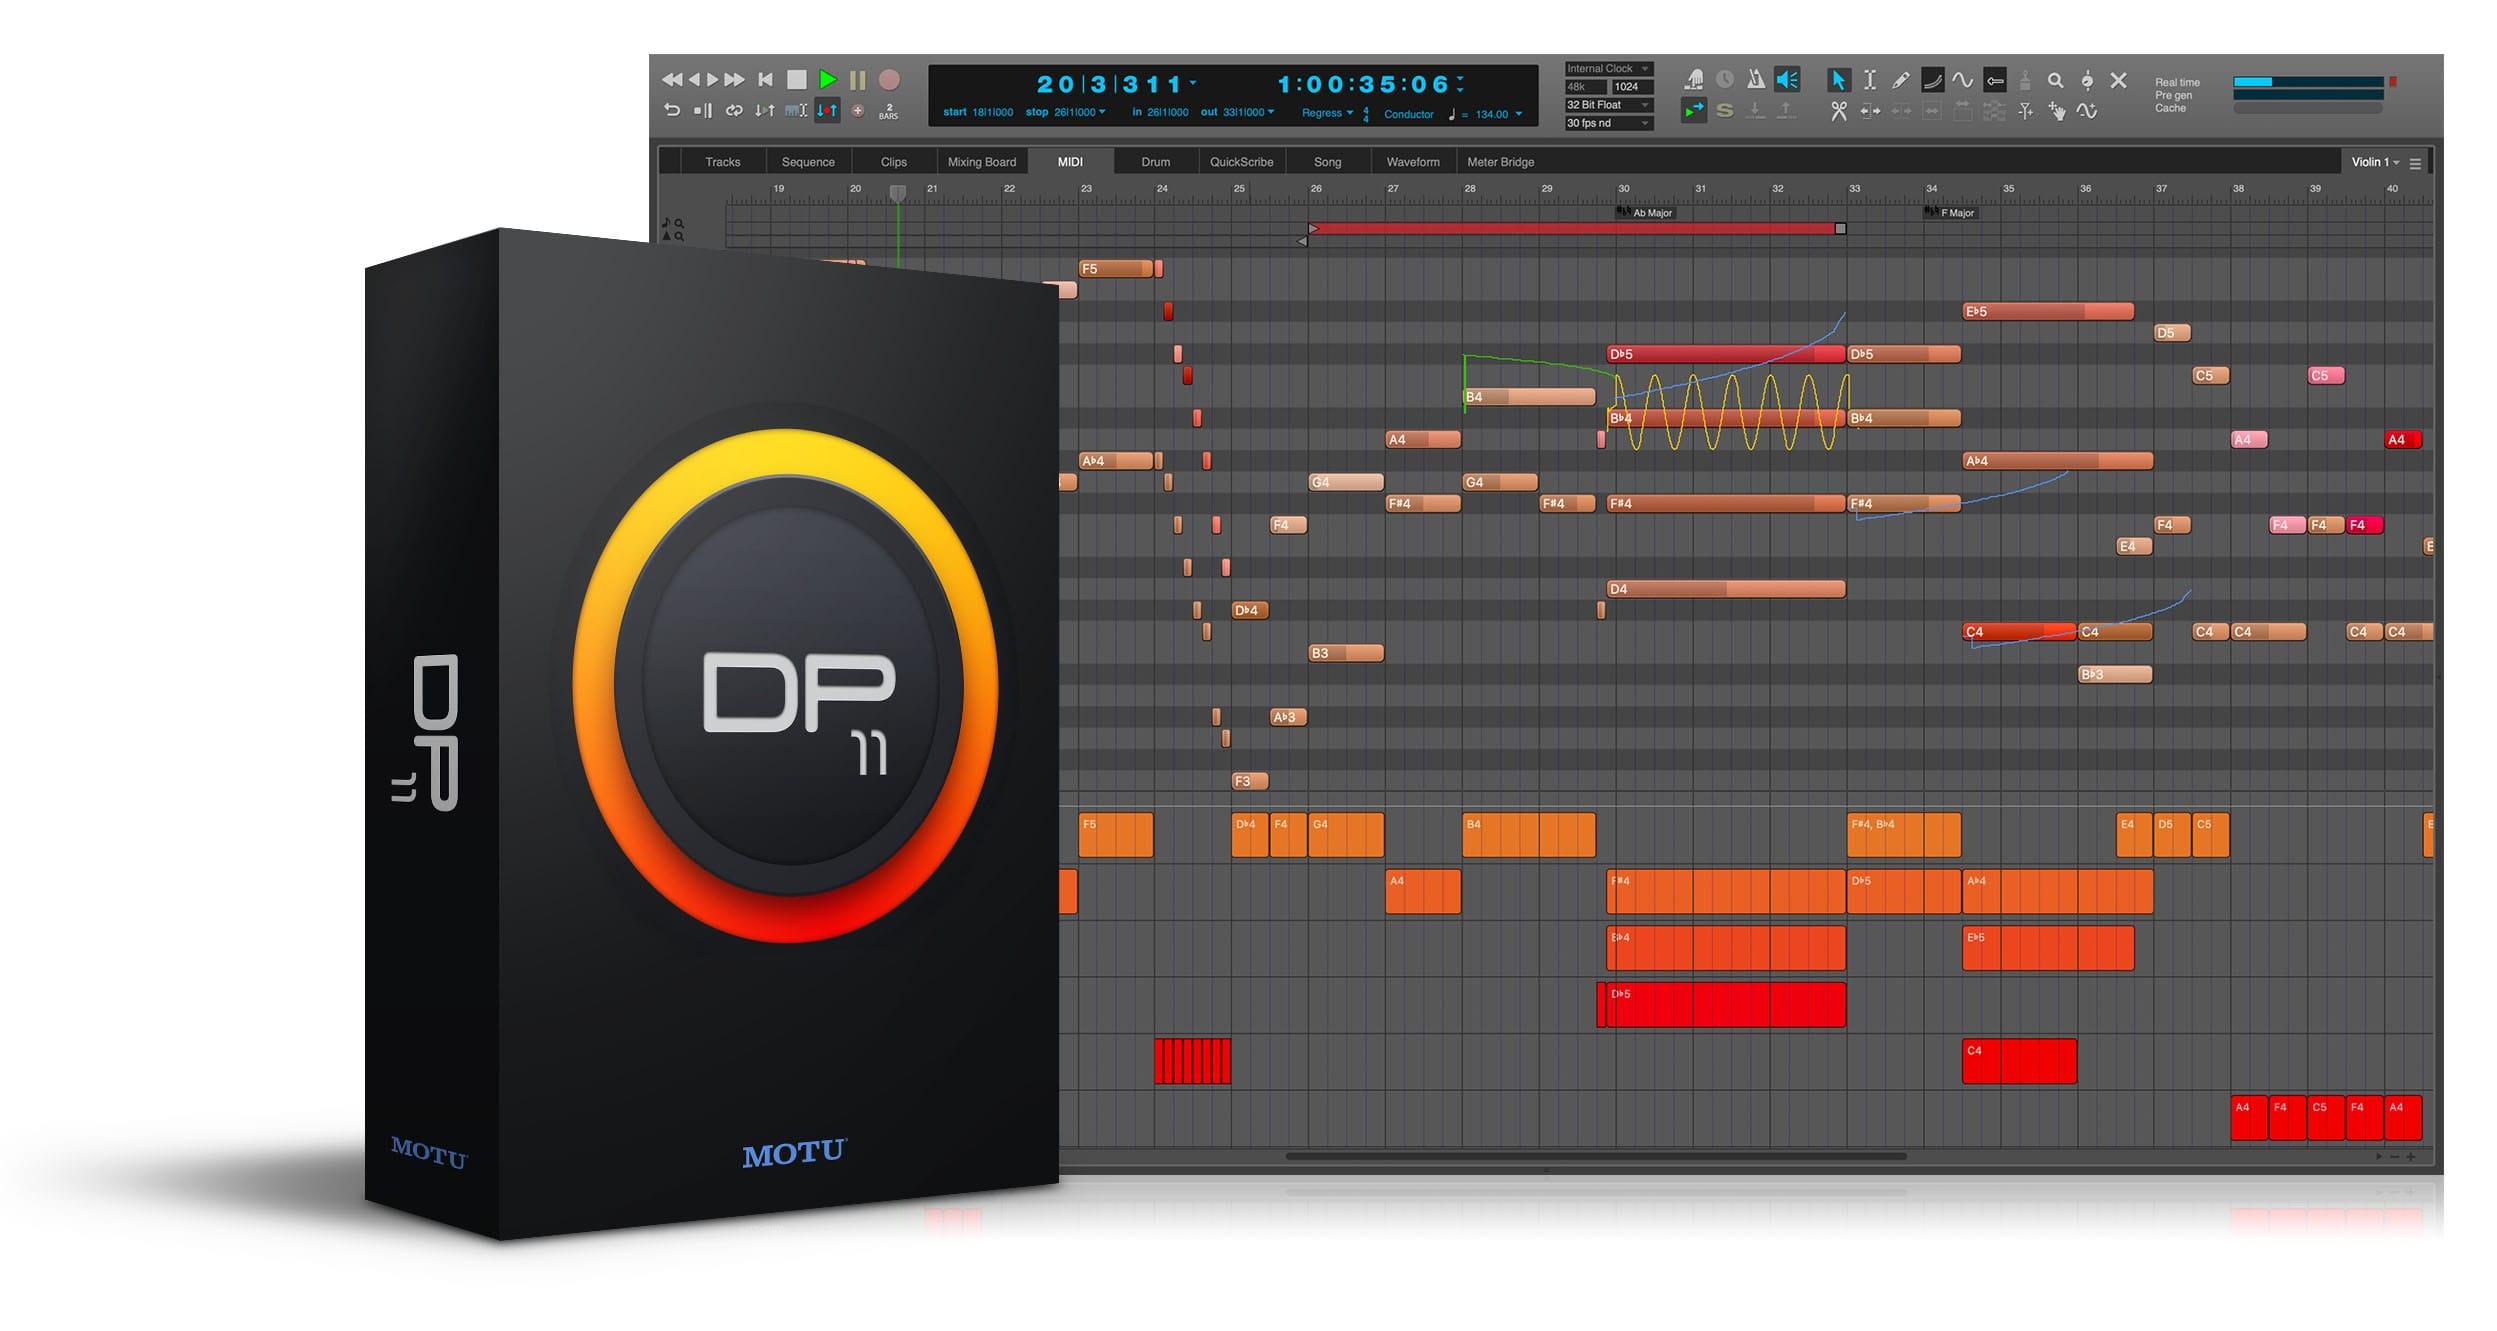 MOTU、音楽制作ソフトウェア「Digital Performer 11」をリリース